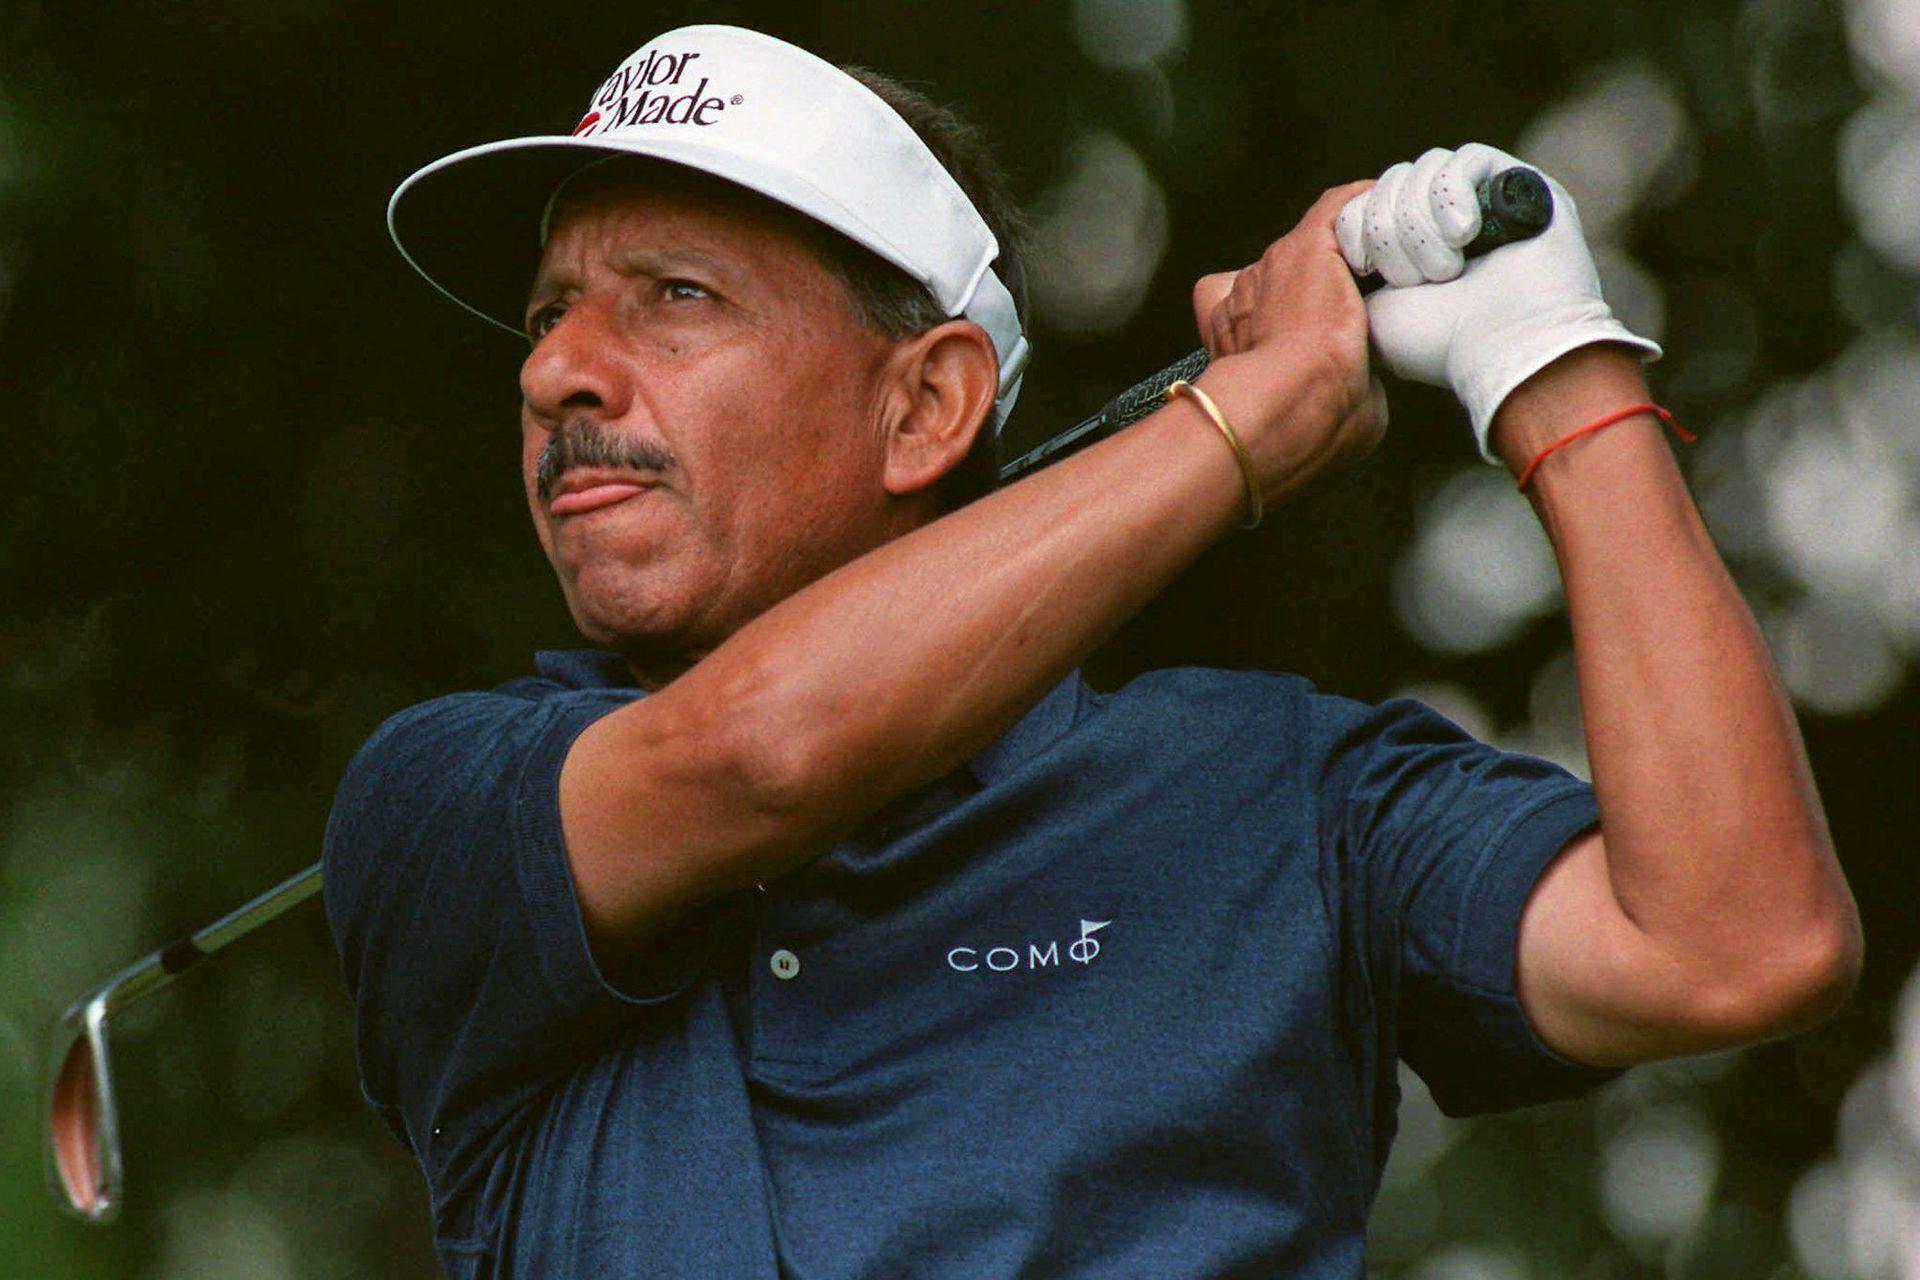 Vicente Fernández en el torneo du Maurier Champions en el St. Georges Golf and Country Club en Toronto, en junio de 1997; el Chino tiene una larga carrera en el golf.